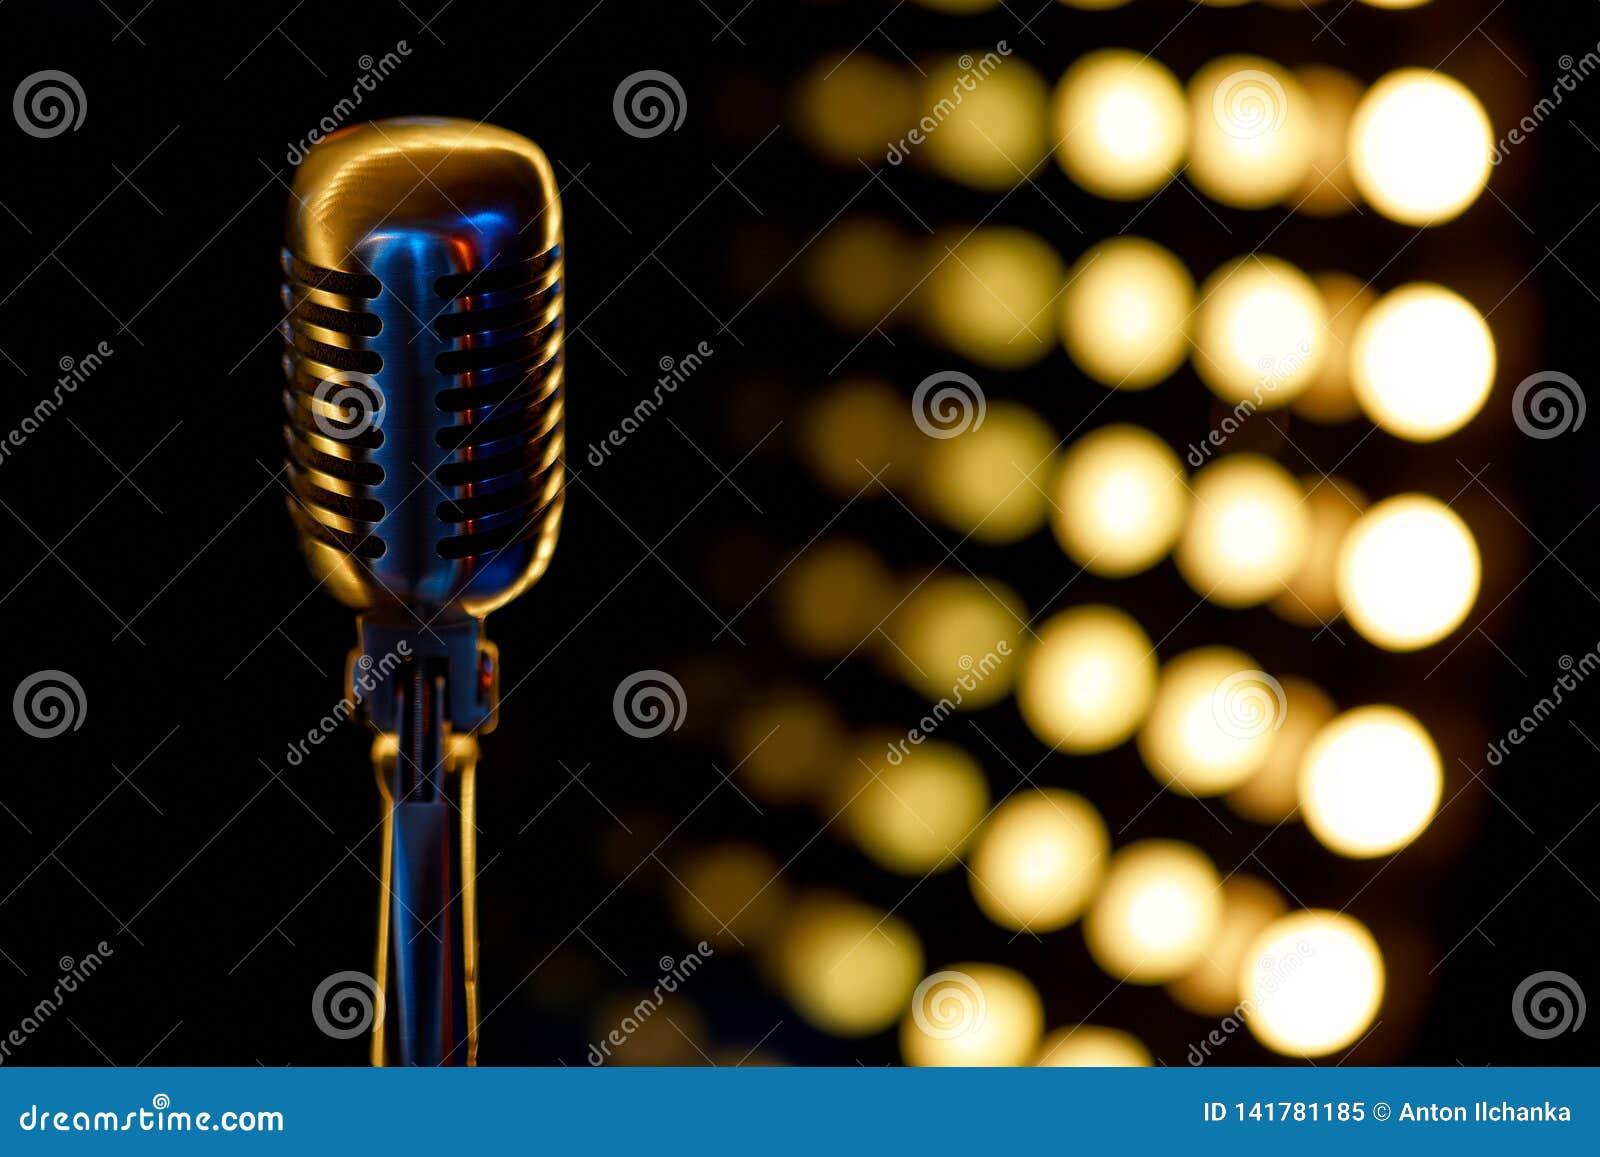 Εκλεκτής ποιότητας μικρόφωνο με το υπόβαθρο χρώματος στο νυχτερινό κέντρο διασκέδασης